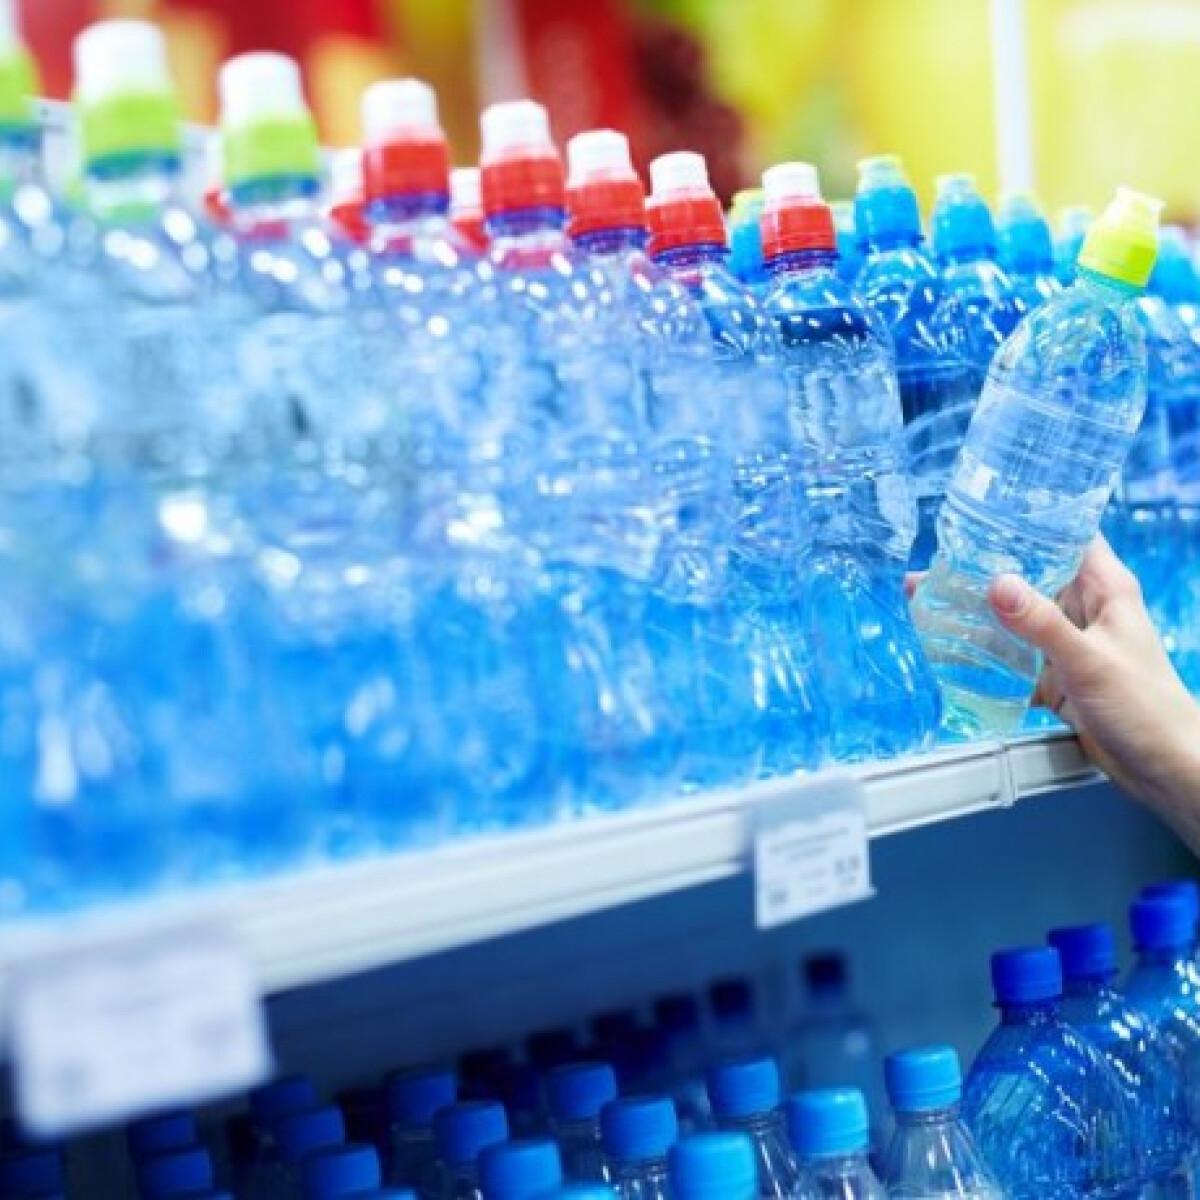 Ezért ne használd újra a műanyag palackodat!